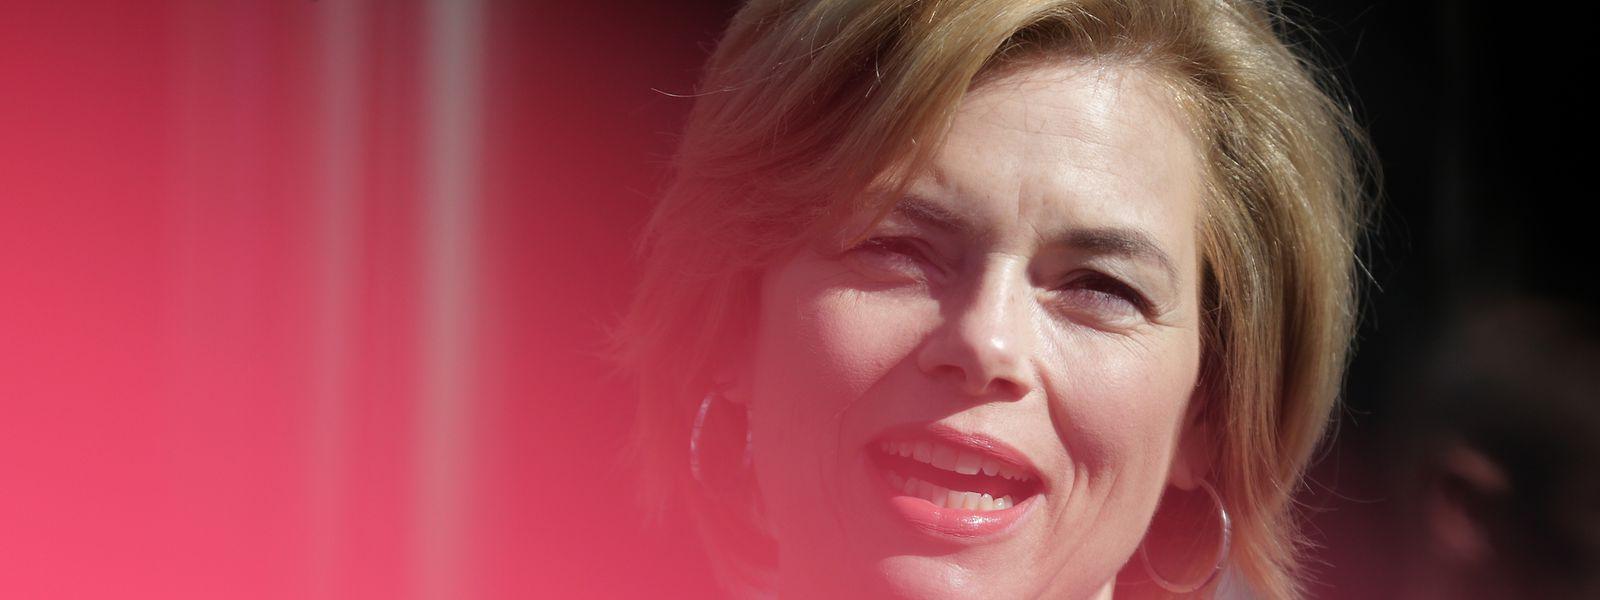 Die stellvertretende CDU-Chefin Julia Klöckner steht unter heftigem Beschuss aufgrund eines umstrittenen Videos.